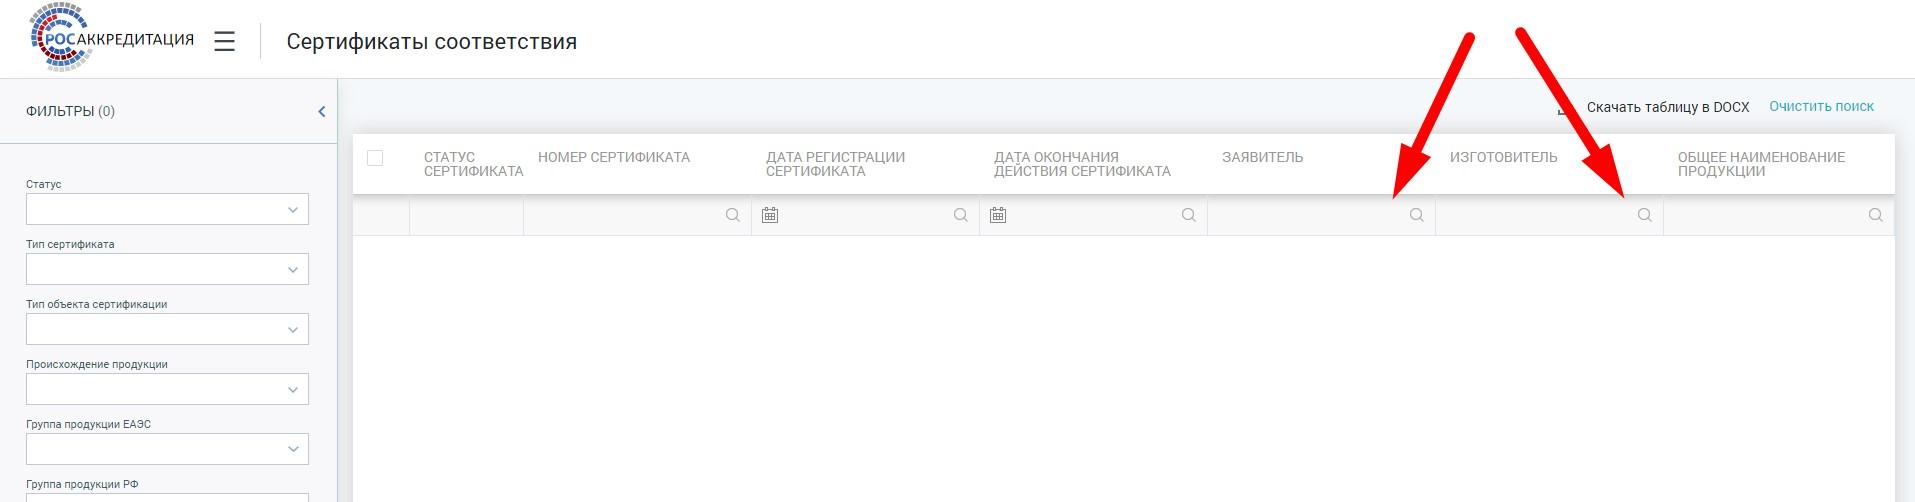 Фрагмент Реестра сертификатов соответствия с сайта Росаккредитации